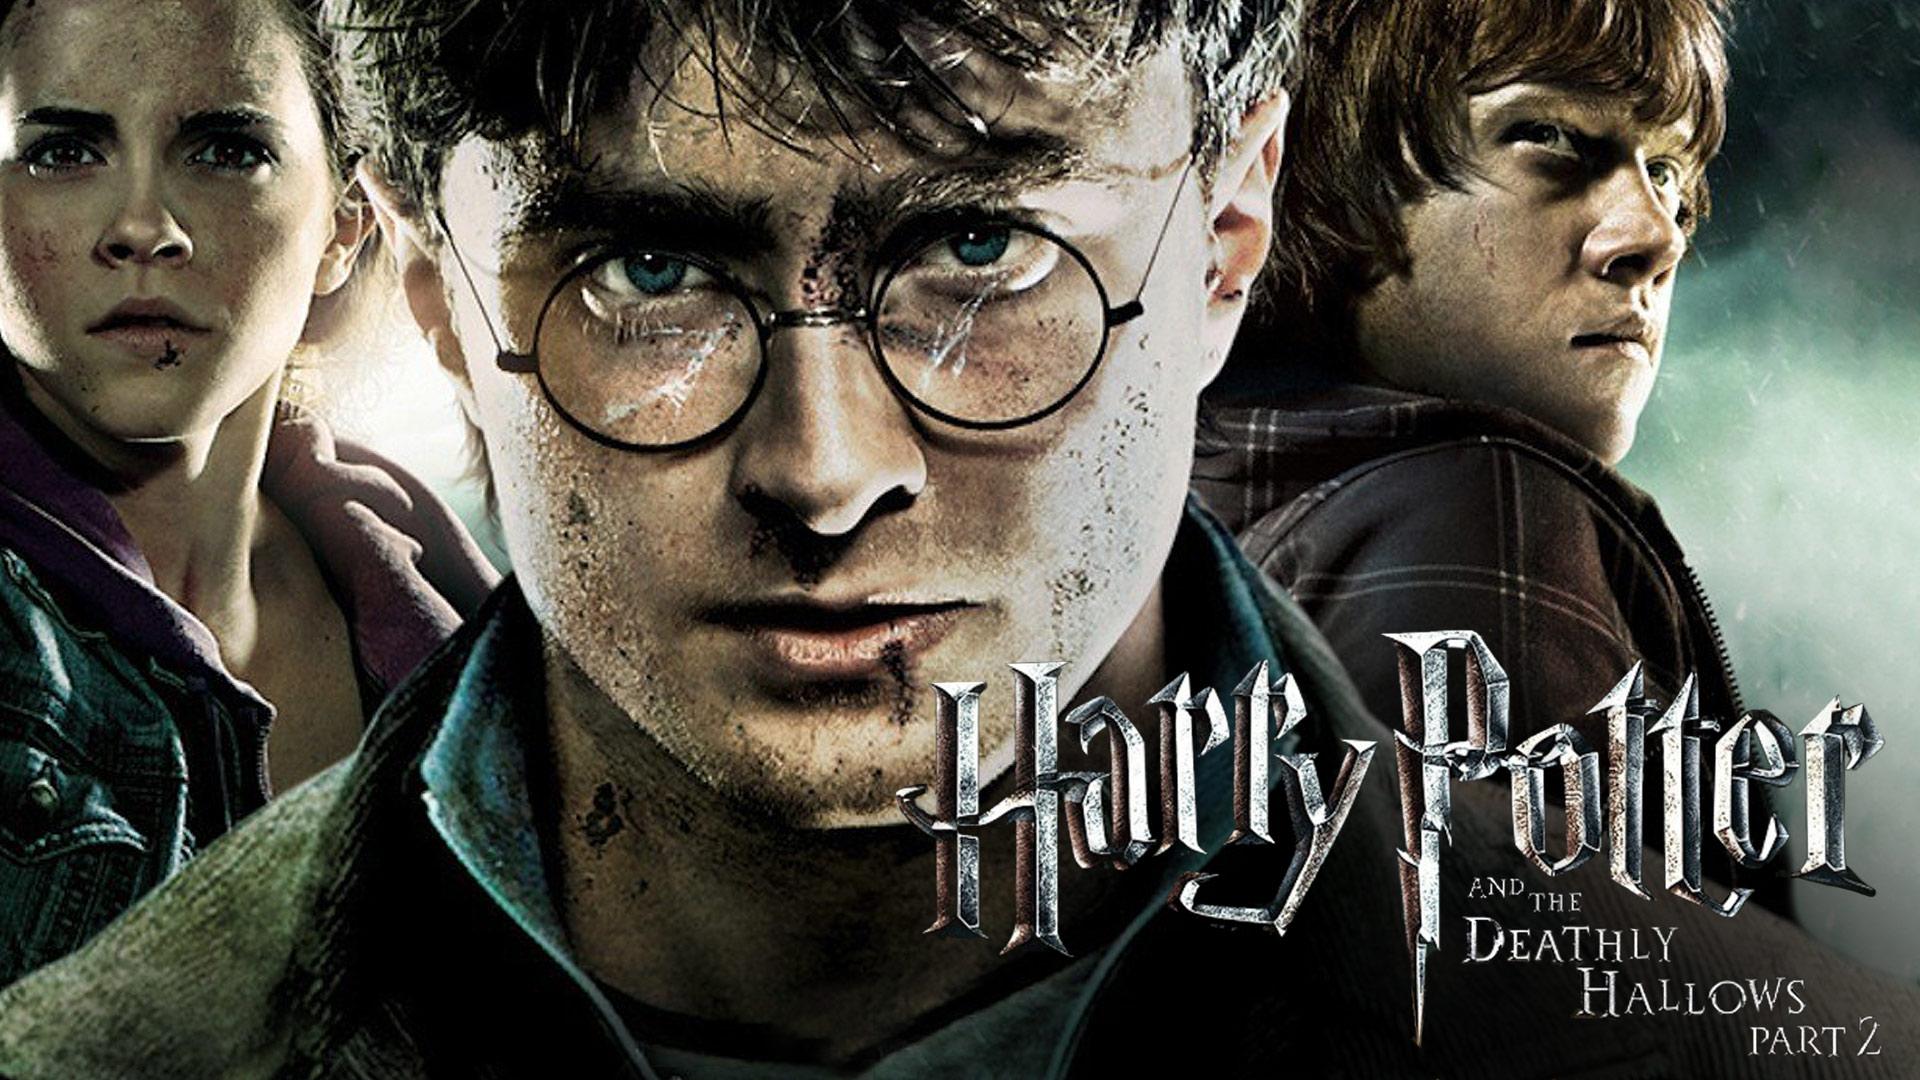 Harry Potter Und Die Heiligtumer Des Todes Teil 2 Gb Usa 2011 Daniel Radcliffe Rupert Grint Emma Watson Streams Tv Termine News Dvds Tv Wunschliste